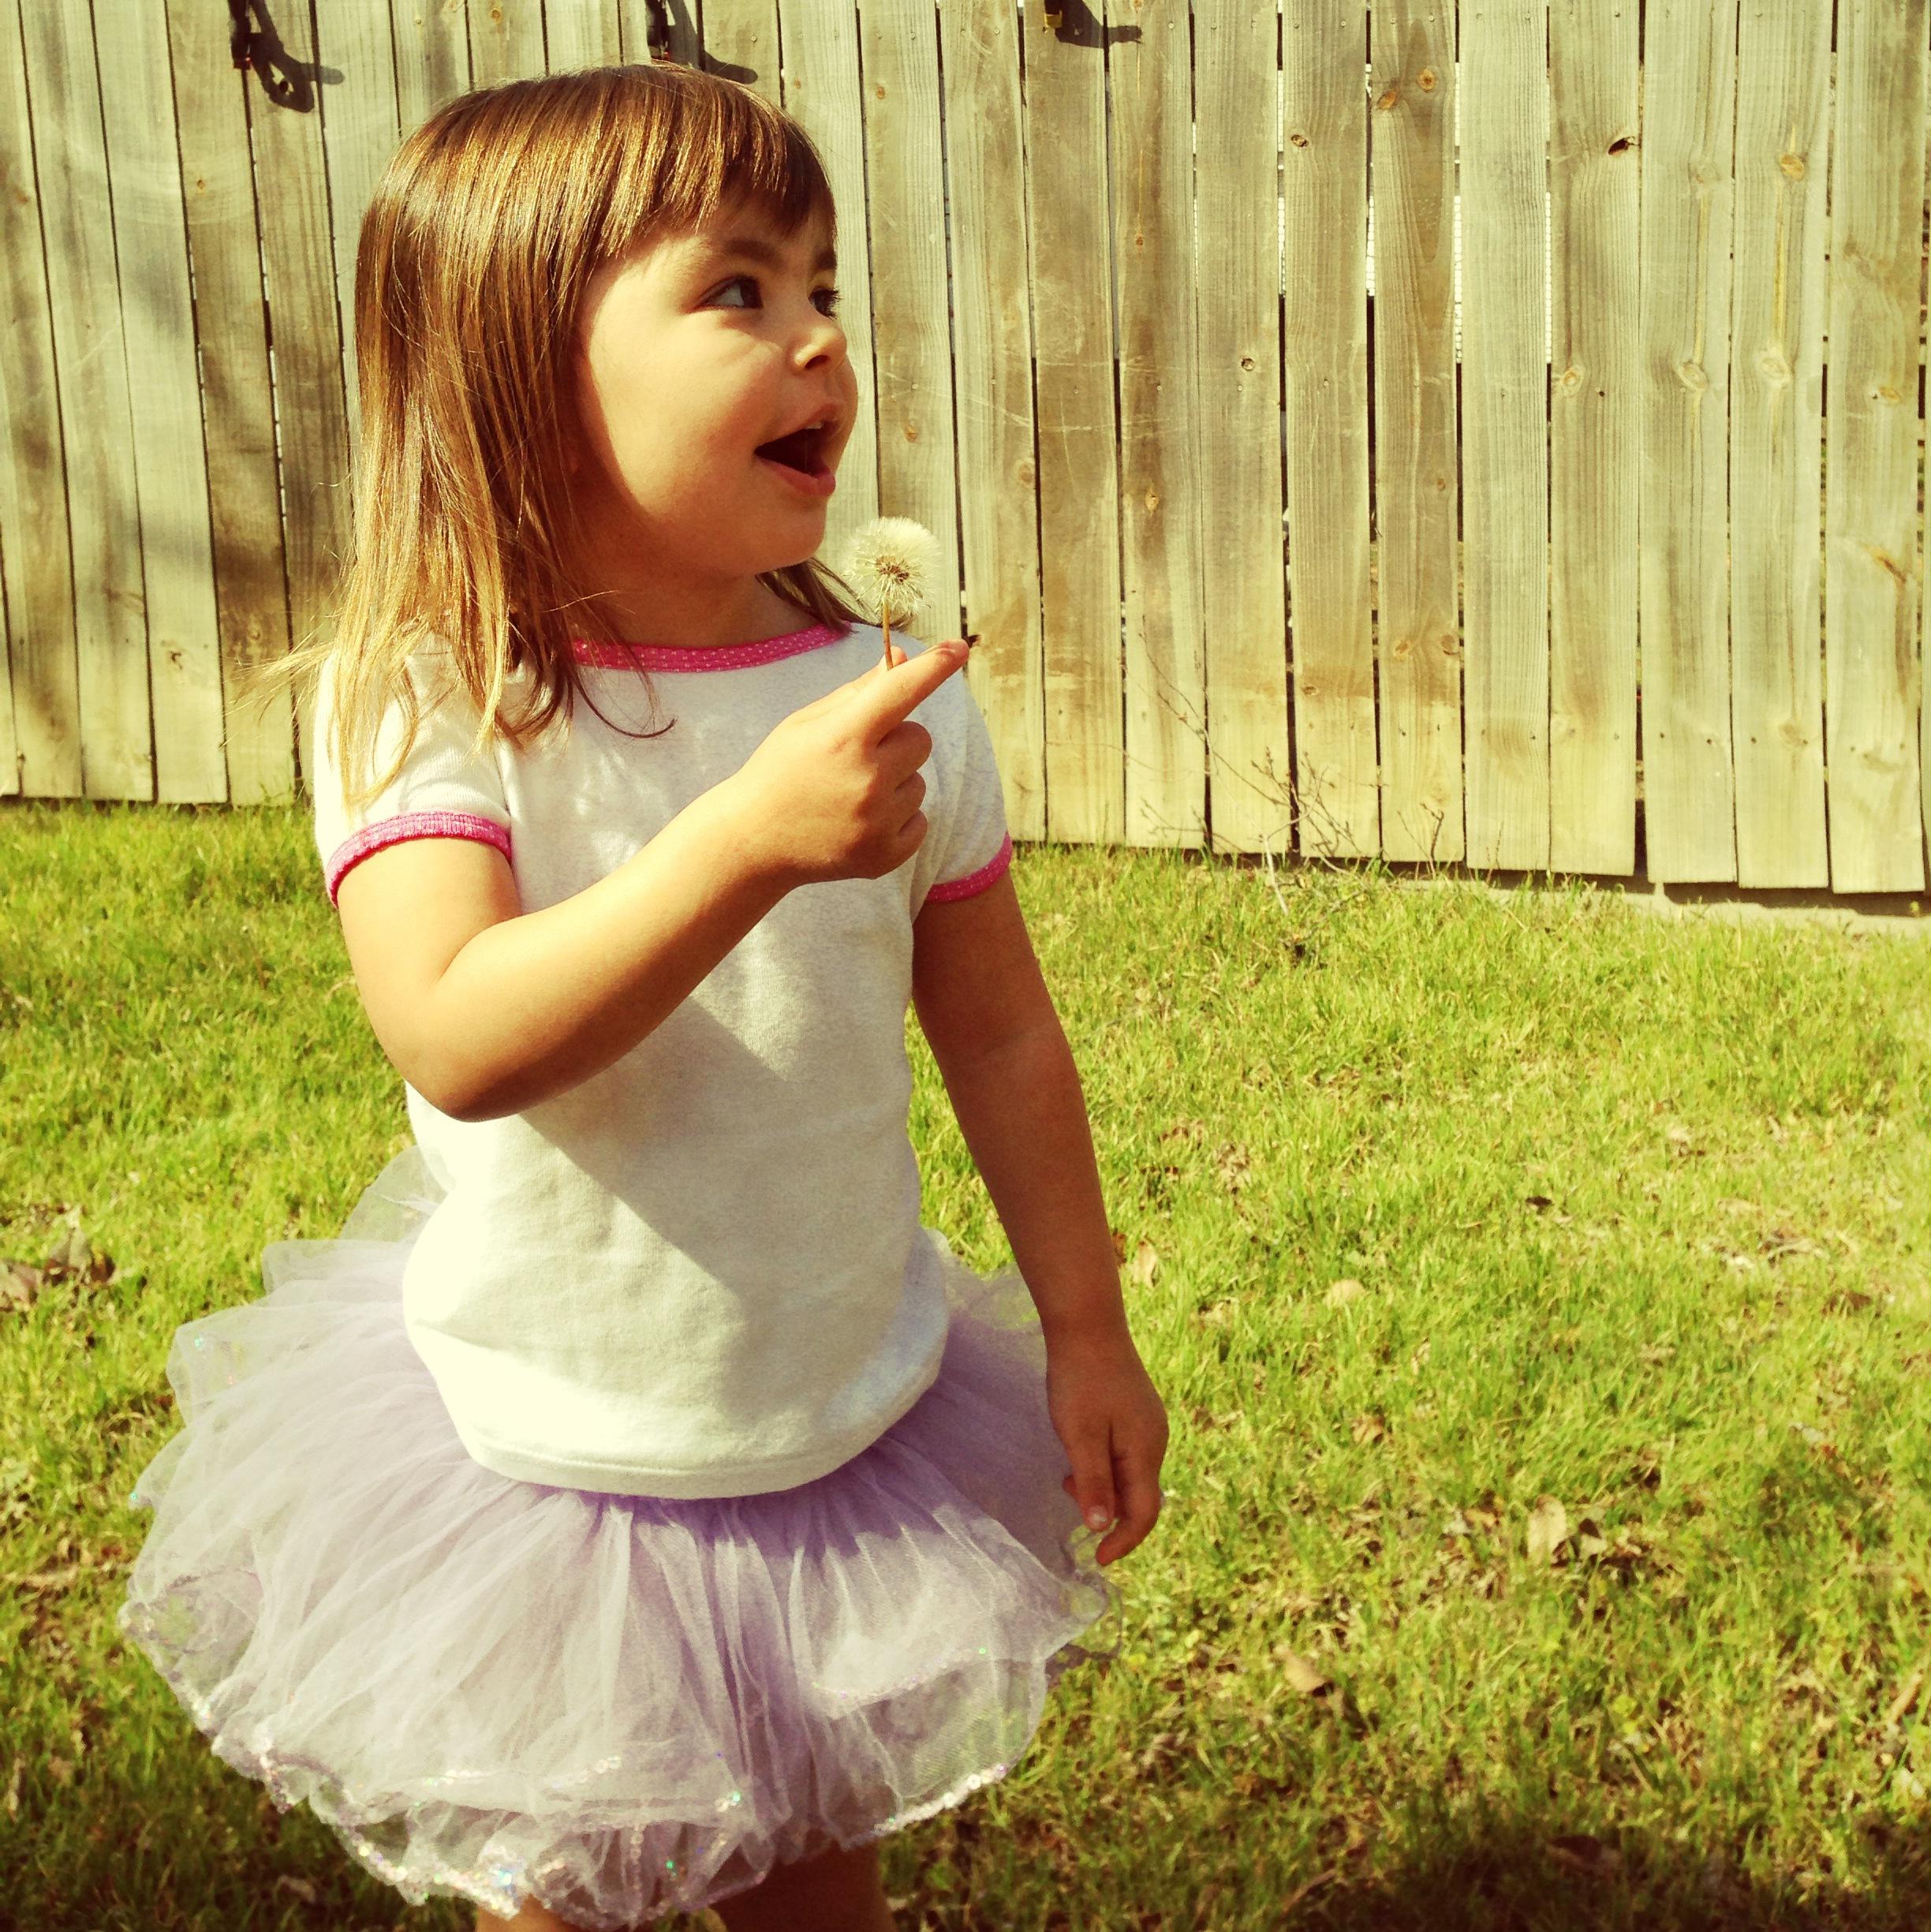 belle blowing dandelion tutu.jpg